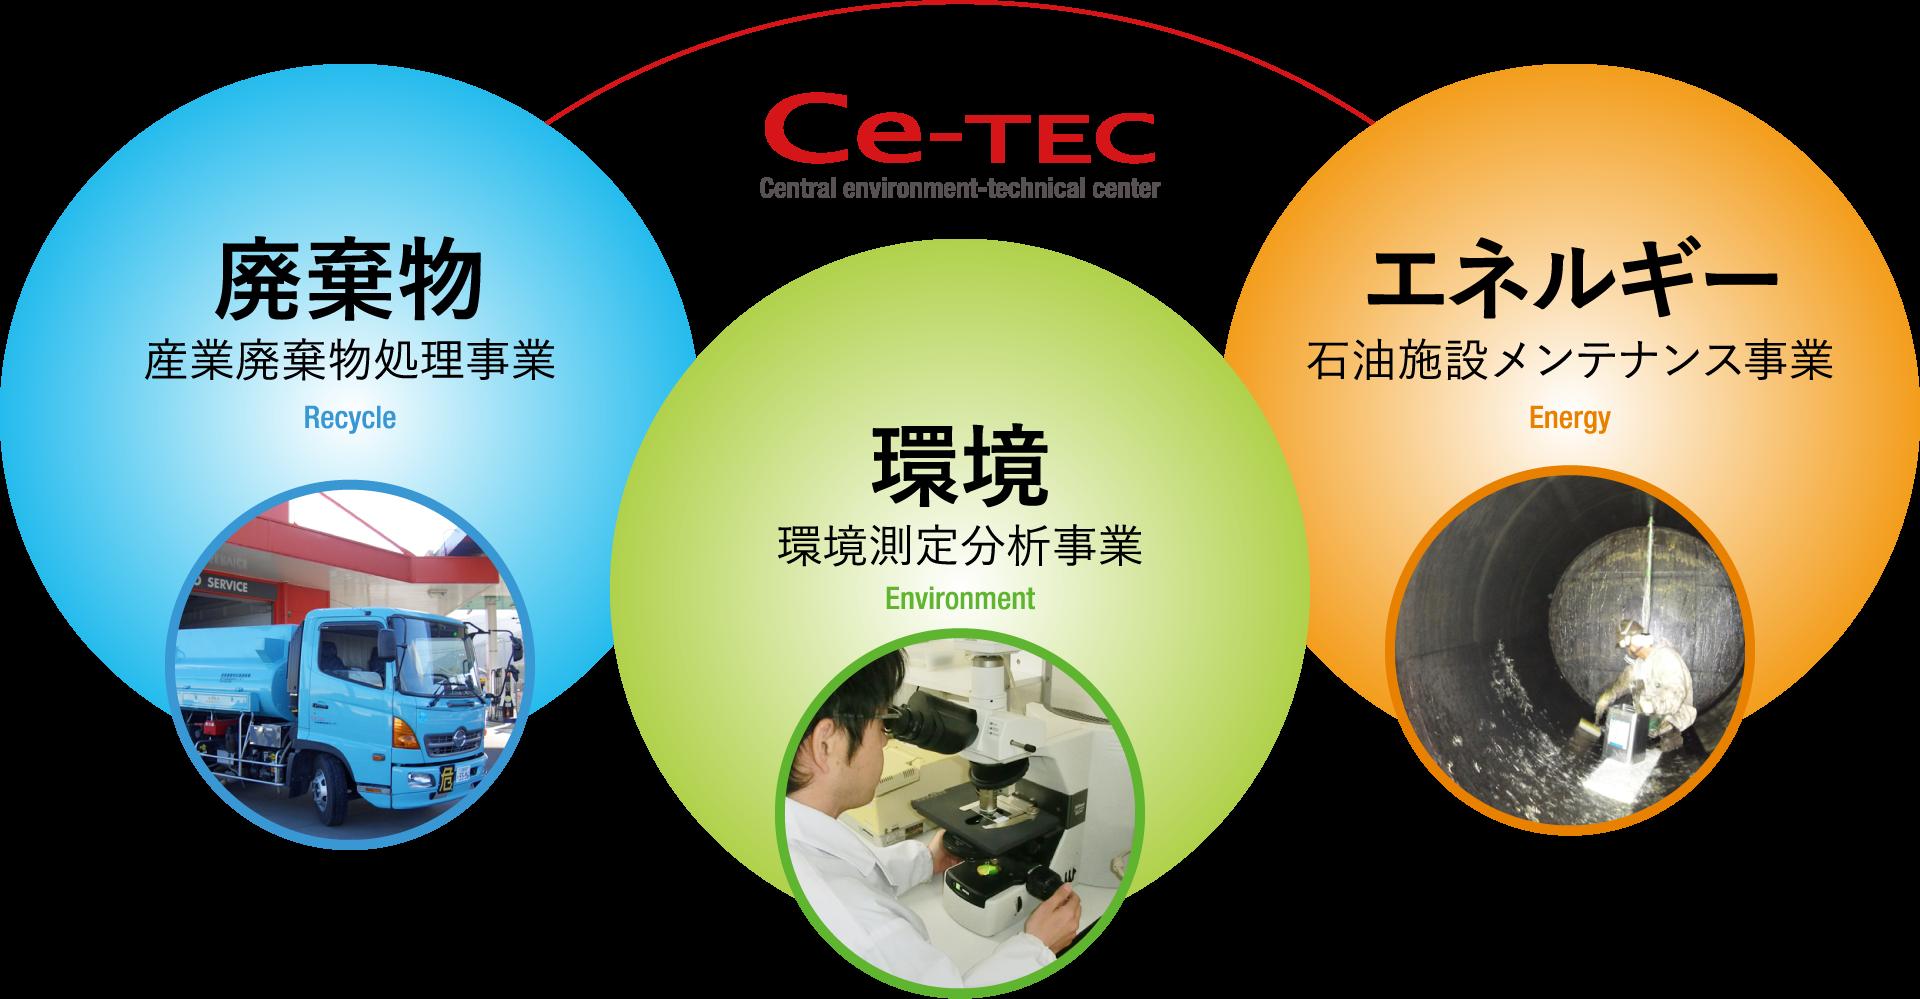 中部環境技術センターは三つの輪でお客様の抱える問題を解決します